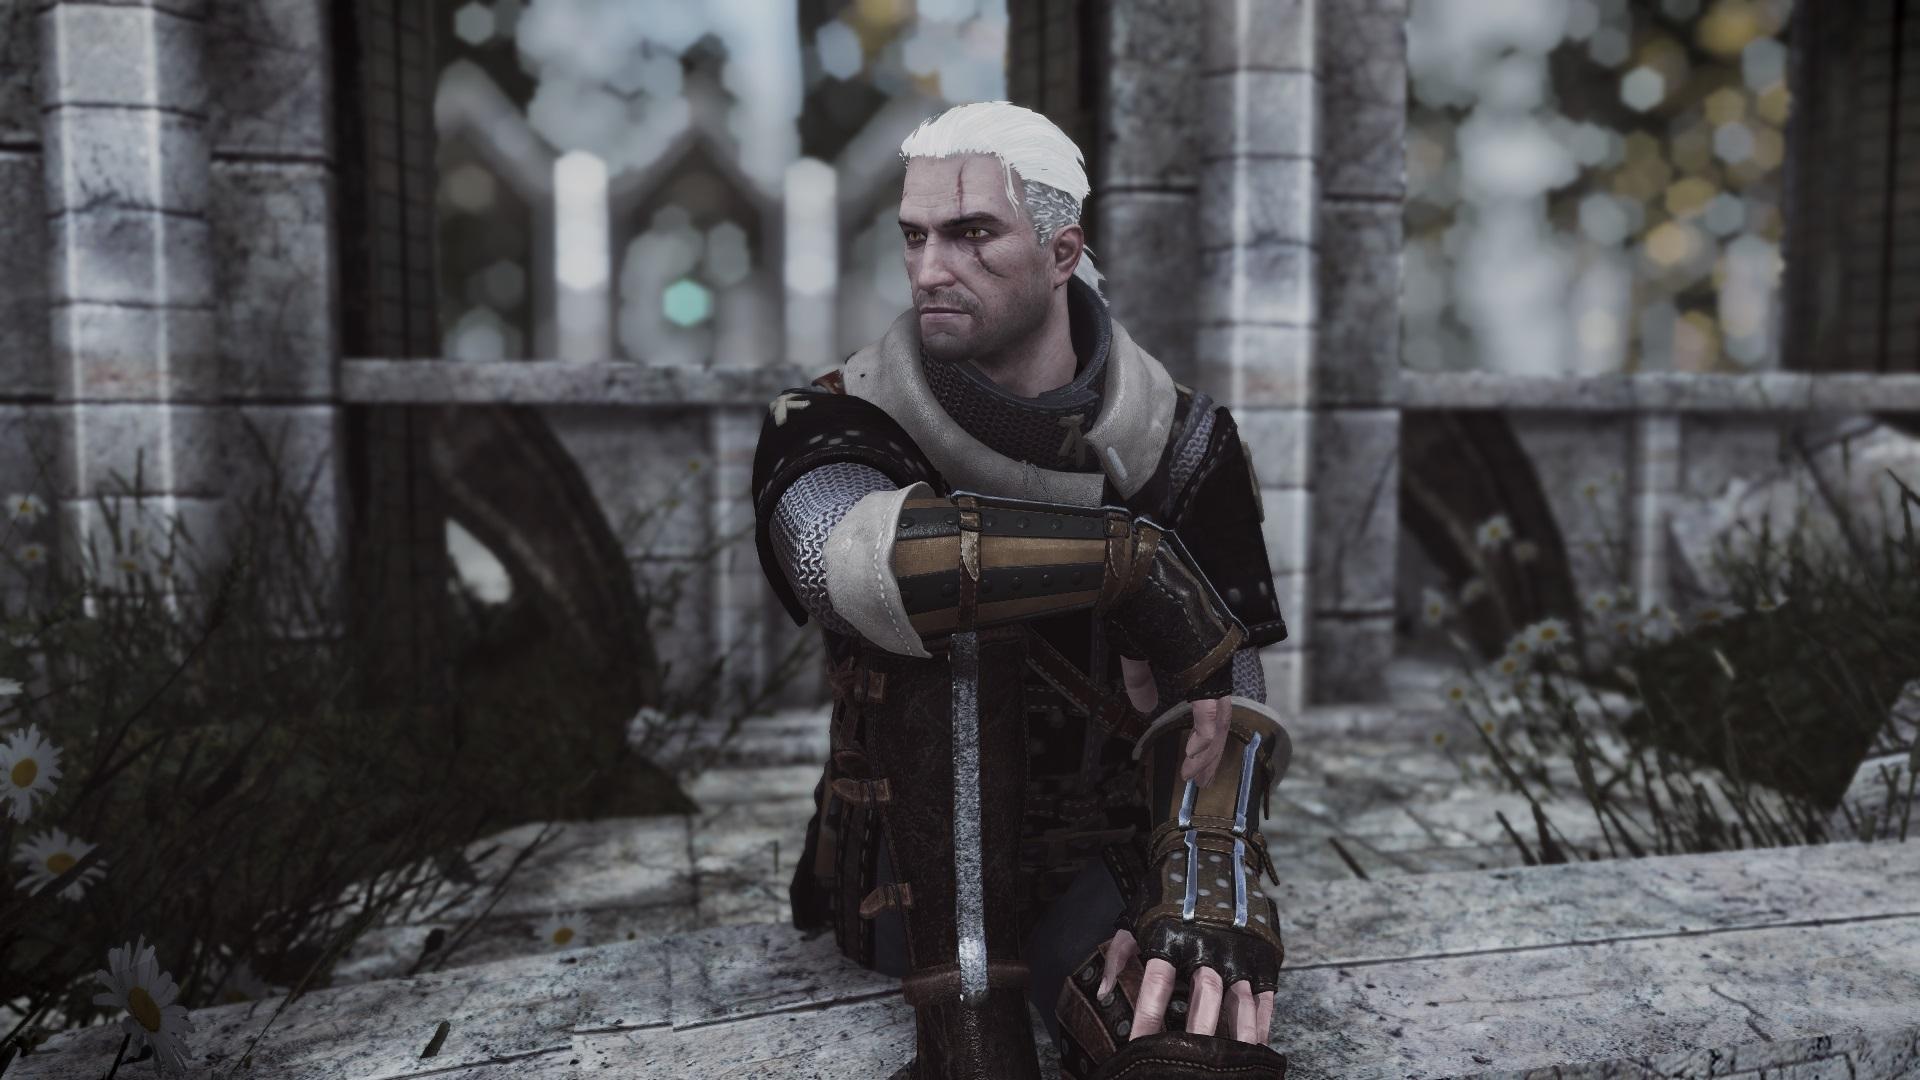 В Skyrim добавили ведьмачьи доспехи из The Witcher 3